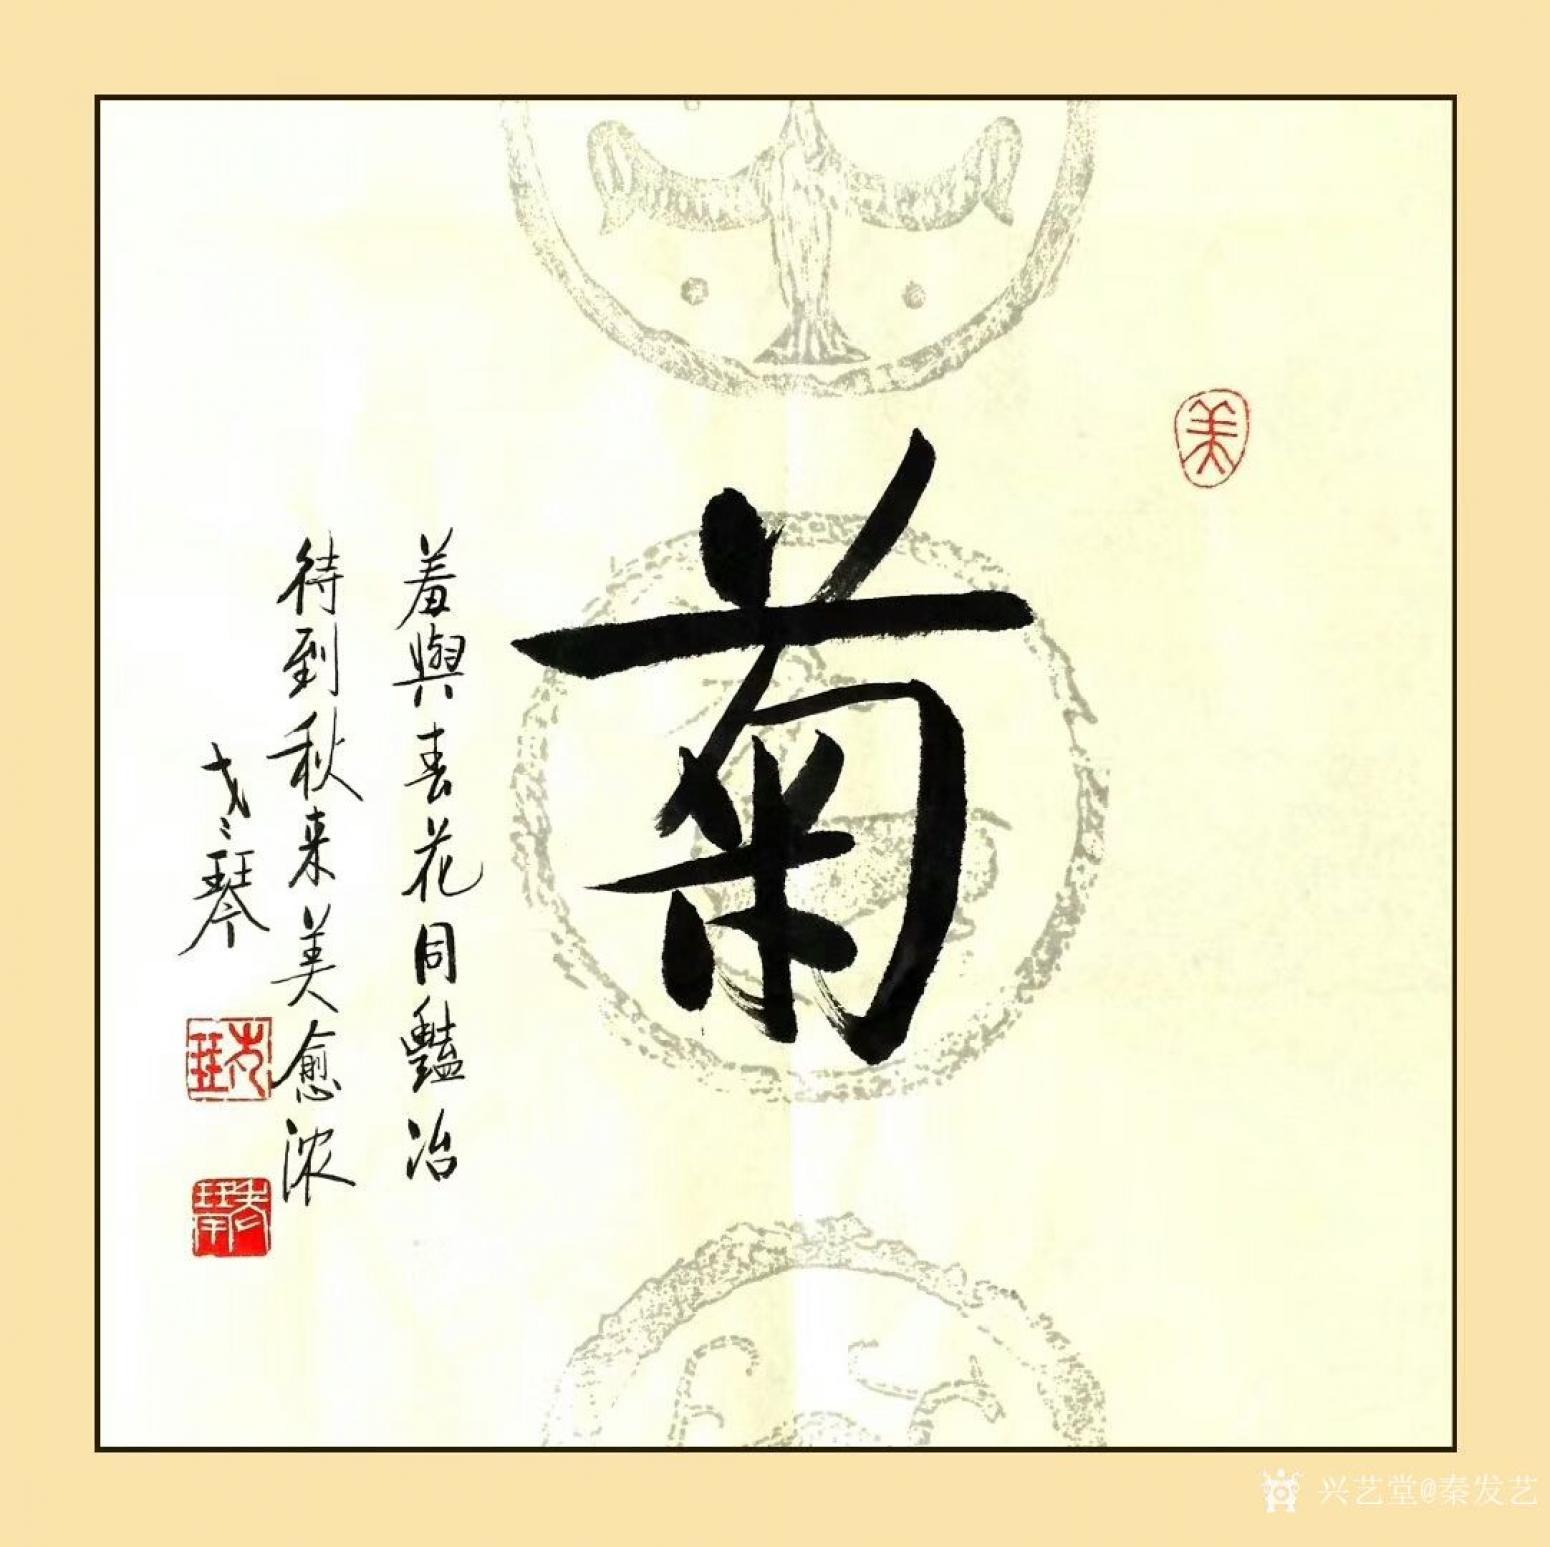 秦发艺书法作品《菊》【图0】